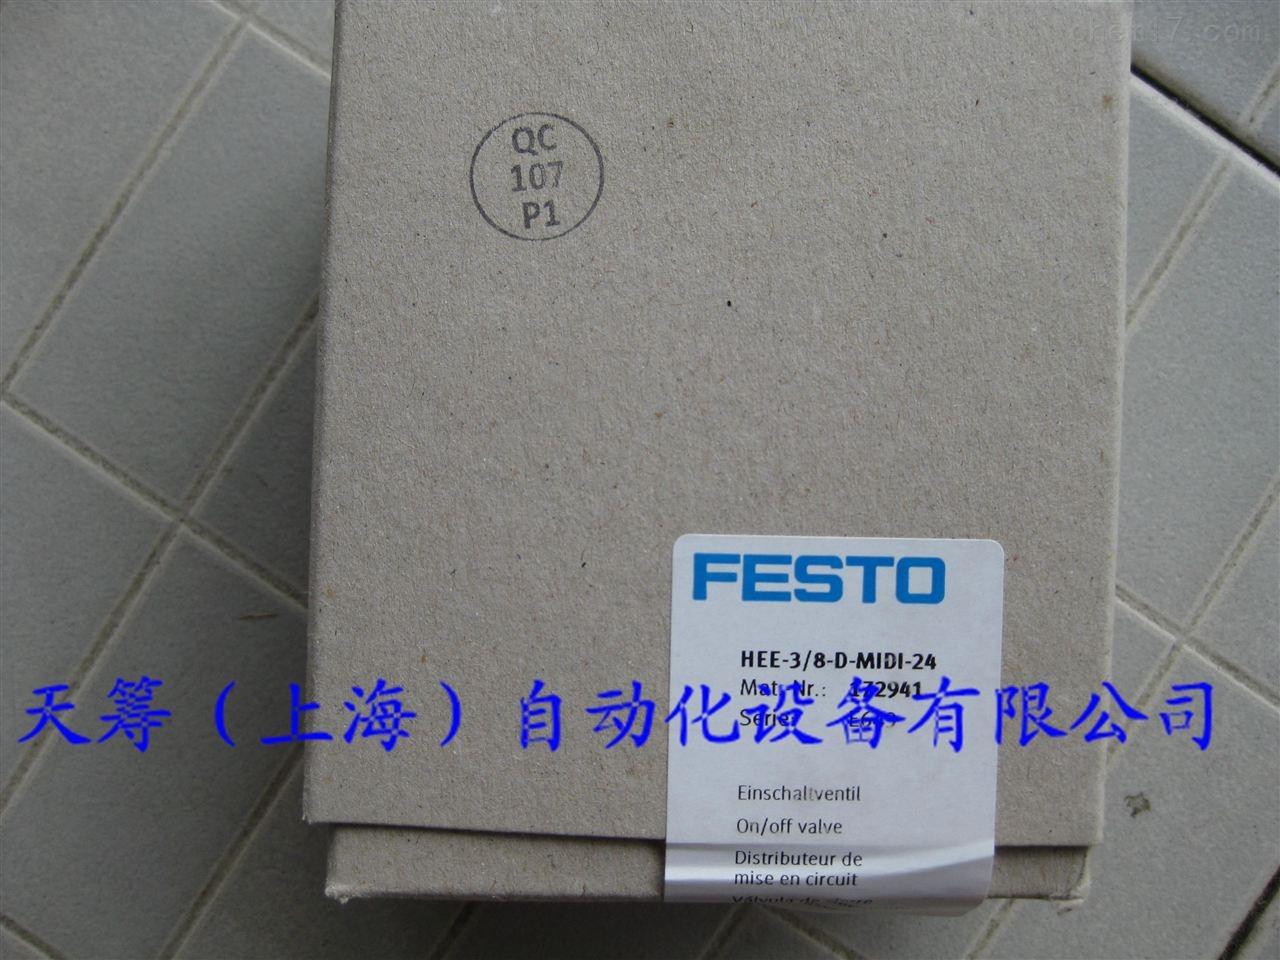 FESTO软启动阀HEE-3/8-D-MIDI-24